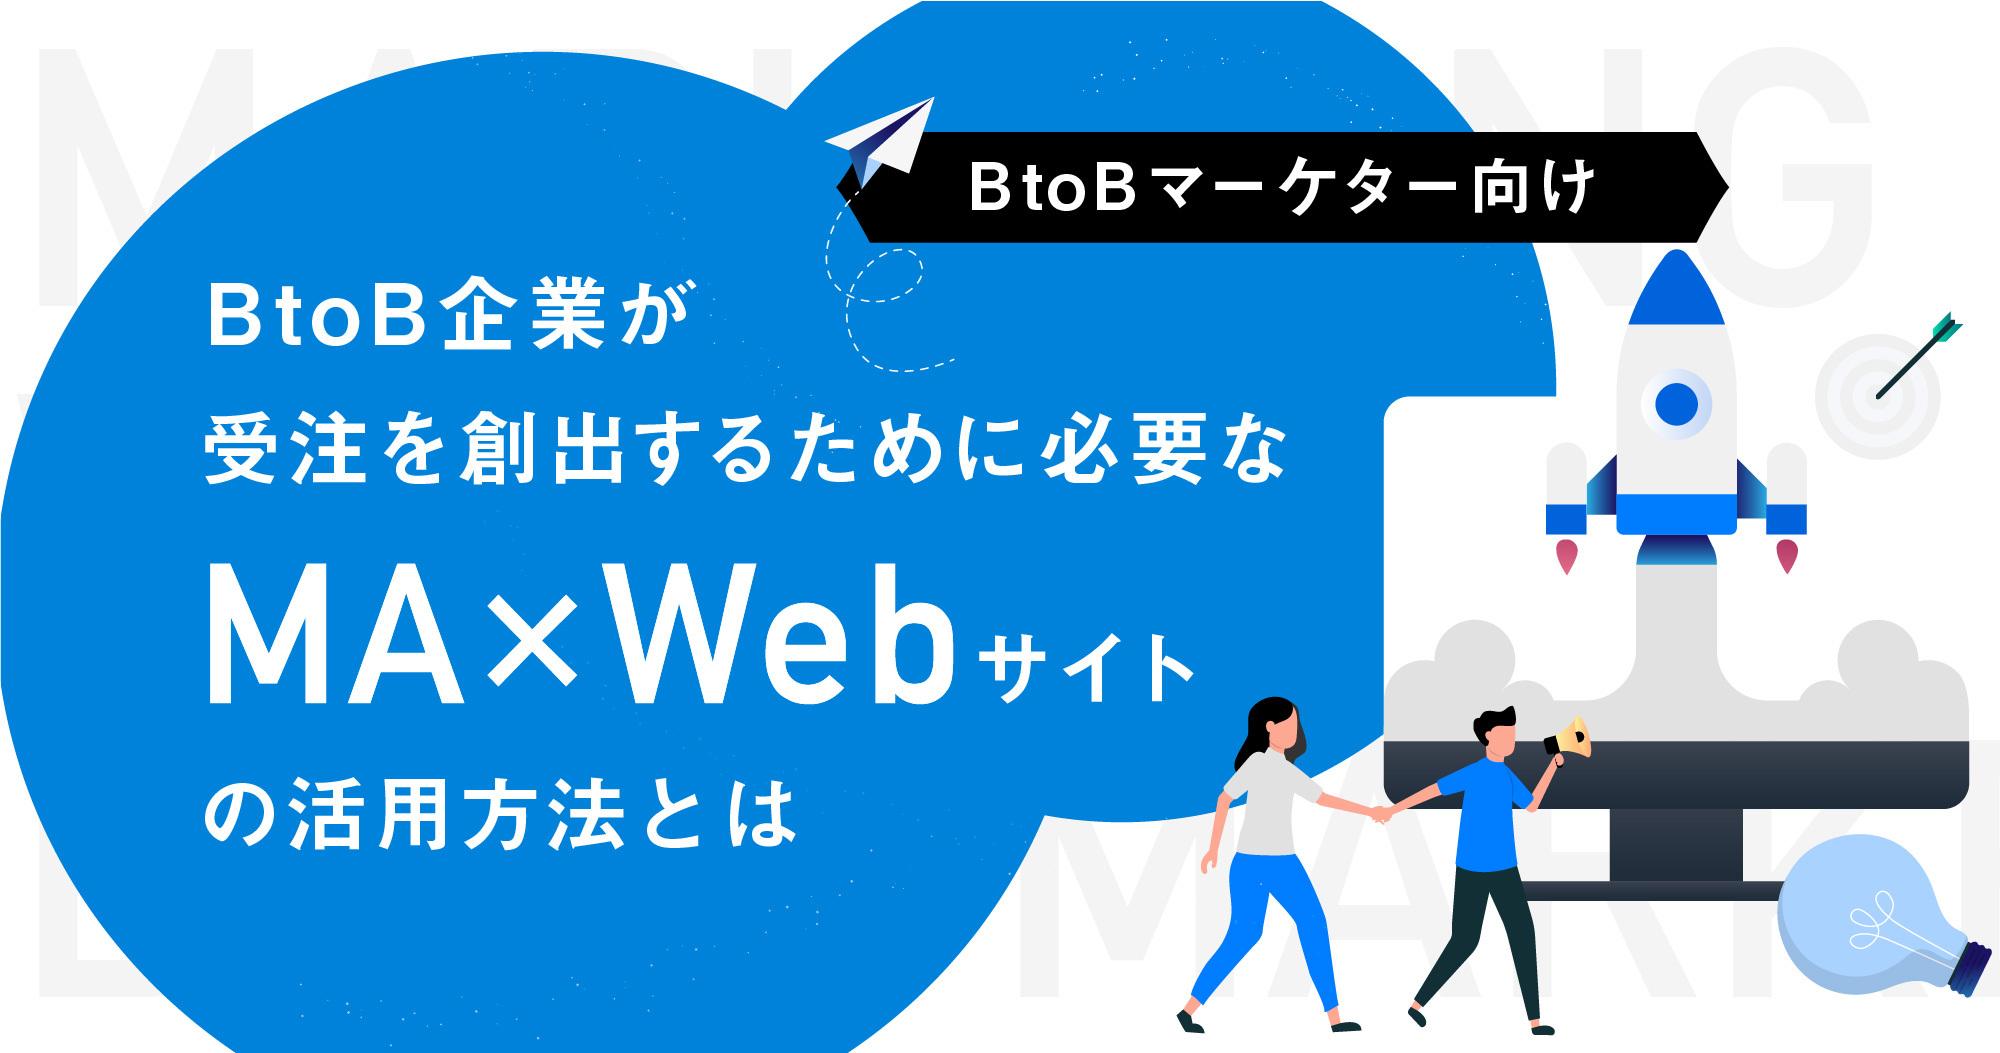 【11月19日(木)】BtoB企業が受注を創出するために必要なMA×Webサイトの活用方法とは